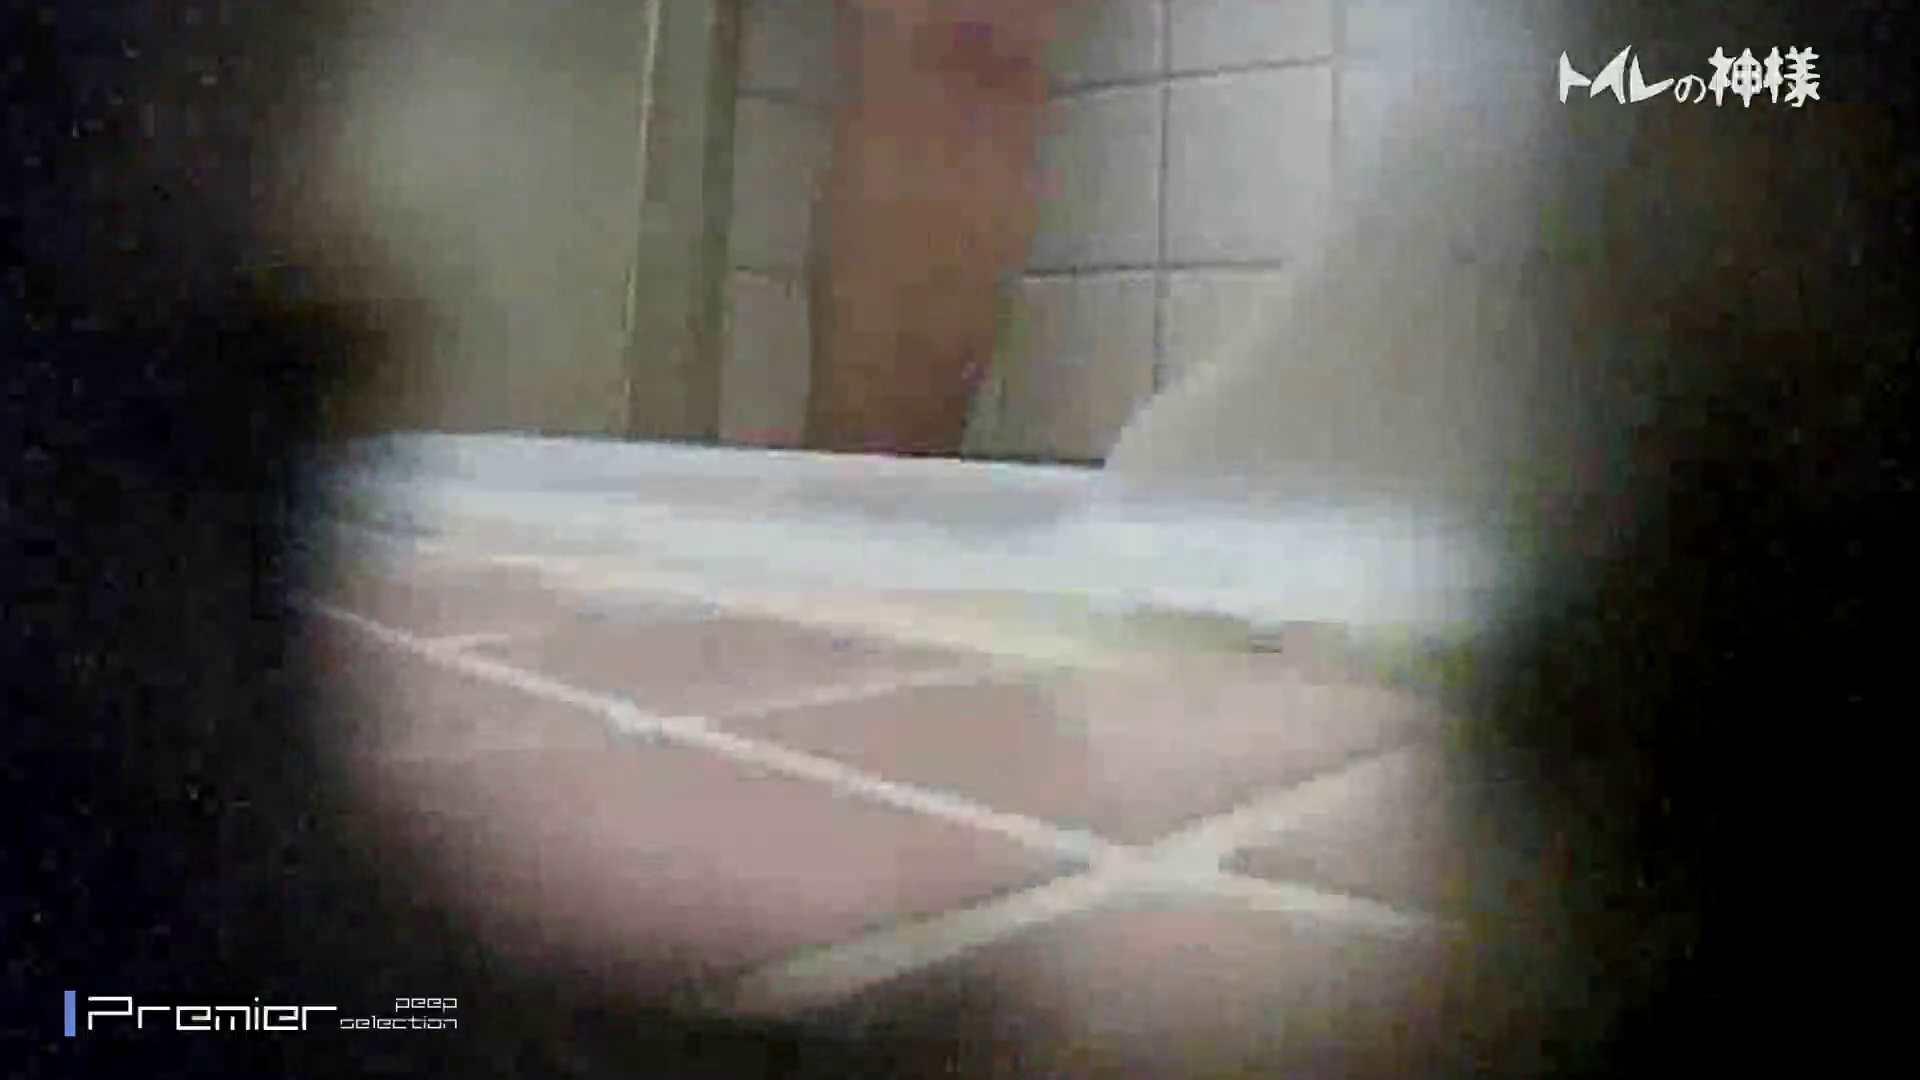 kyouko排泄 うんこをたくさん集めました。トイレの神様 Vol.14 OL   リアルすぎる排泄  83連発 57